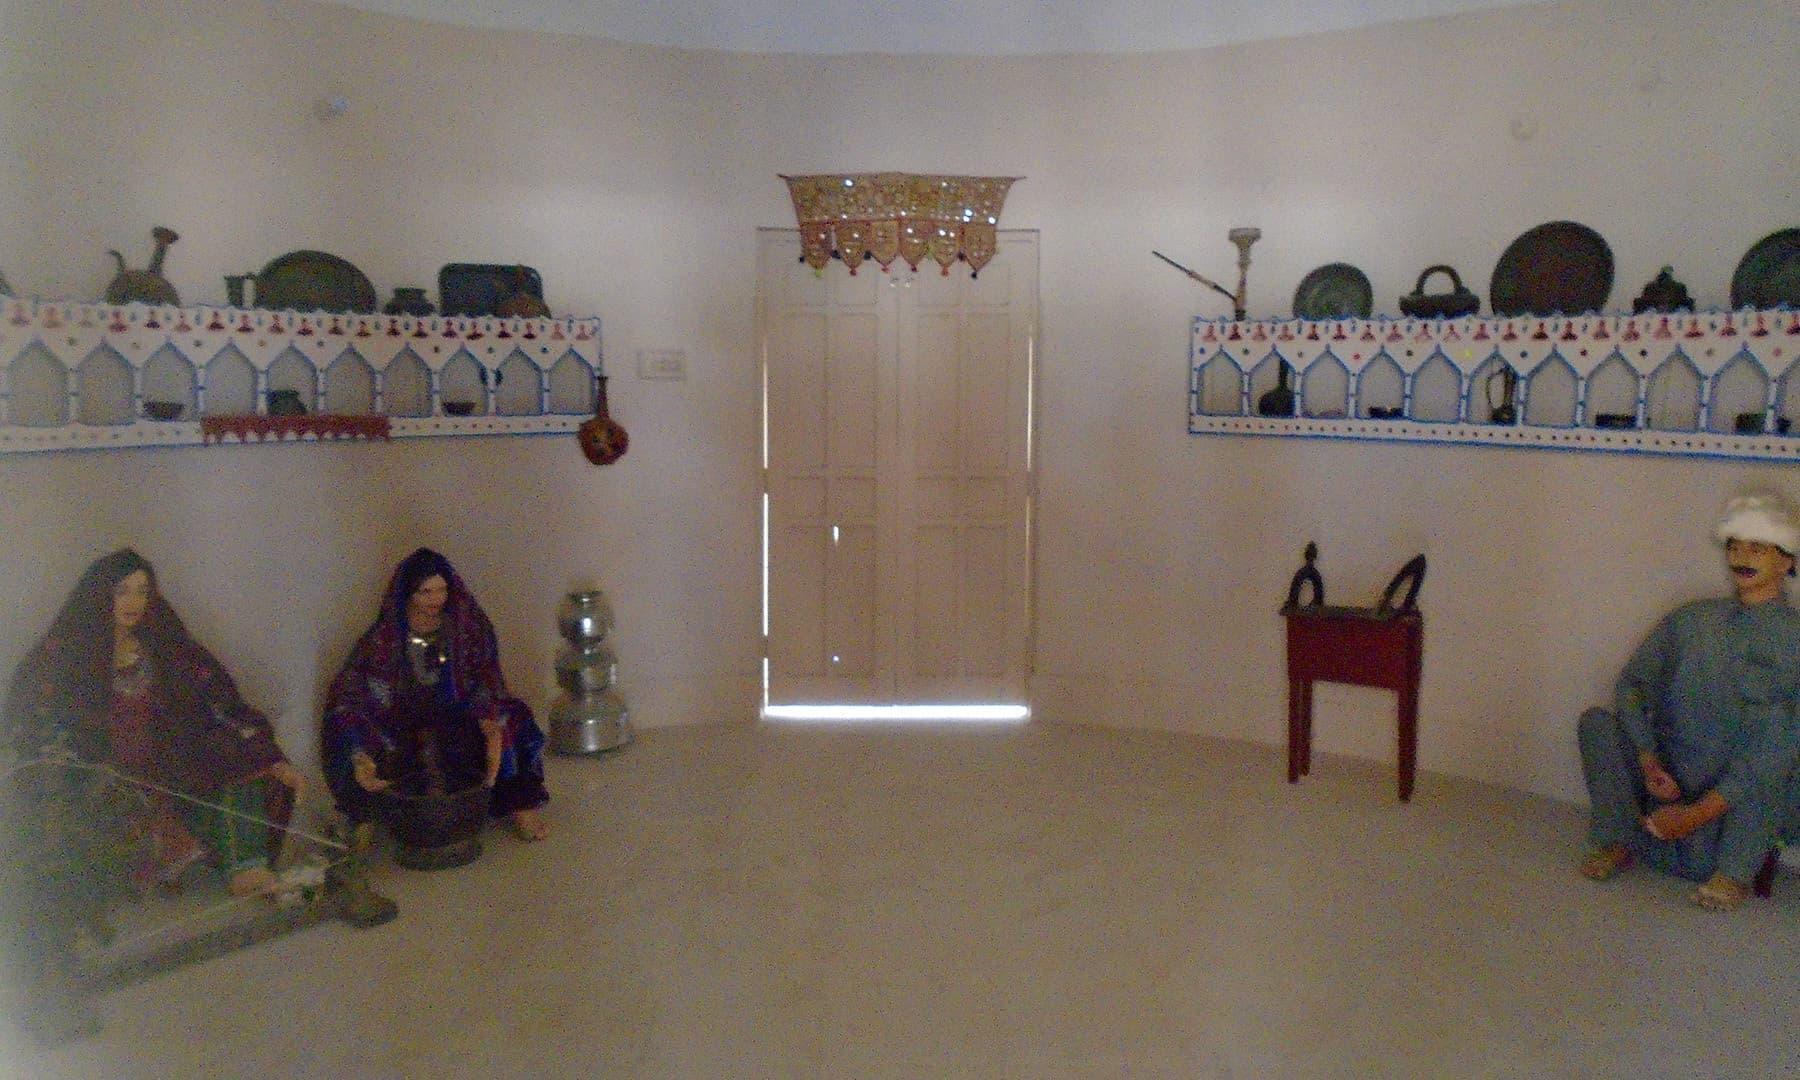 میوزیم کے اندر ماروی کے گھر کا منظر پیش کیا گیا ہے.